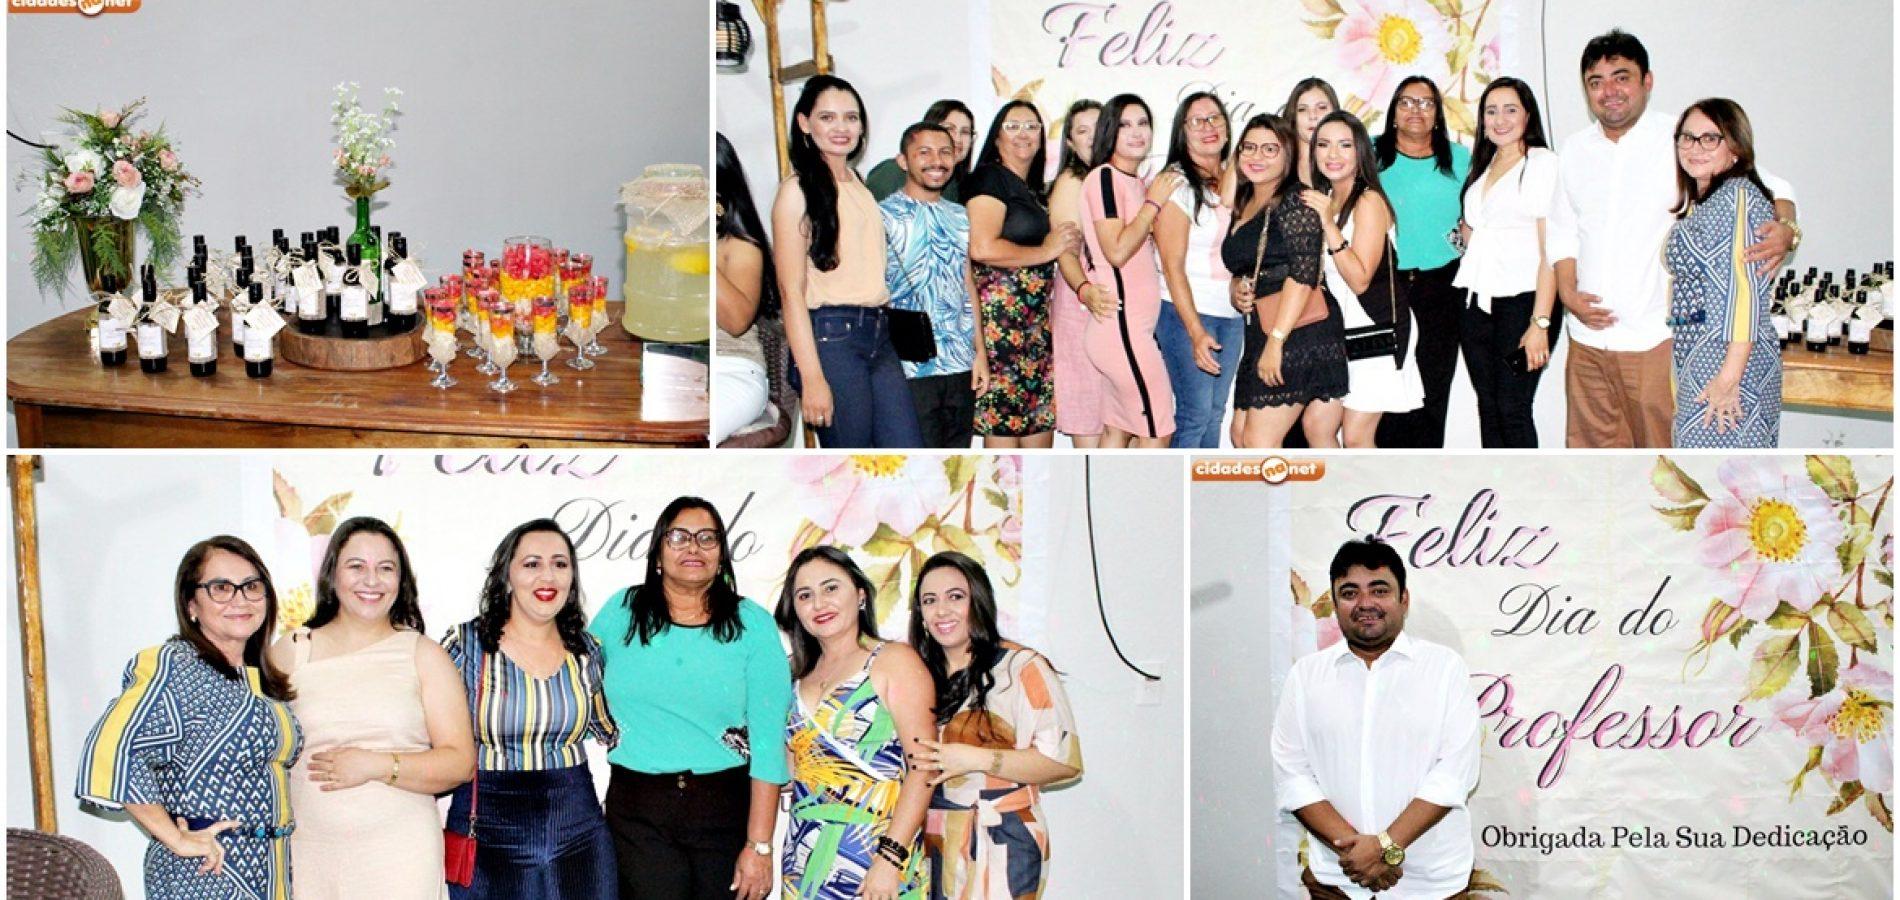 ALEGRETE   Educação promove festa e homenageia professores pelo seu dia; fotos